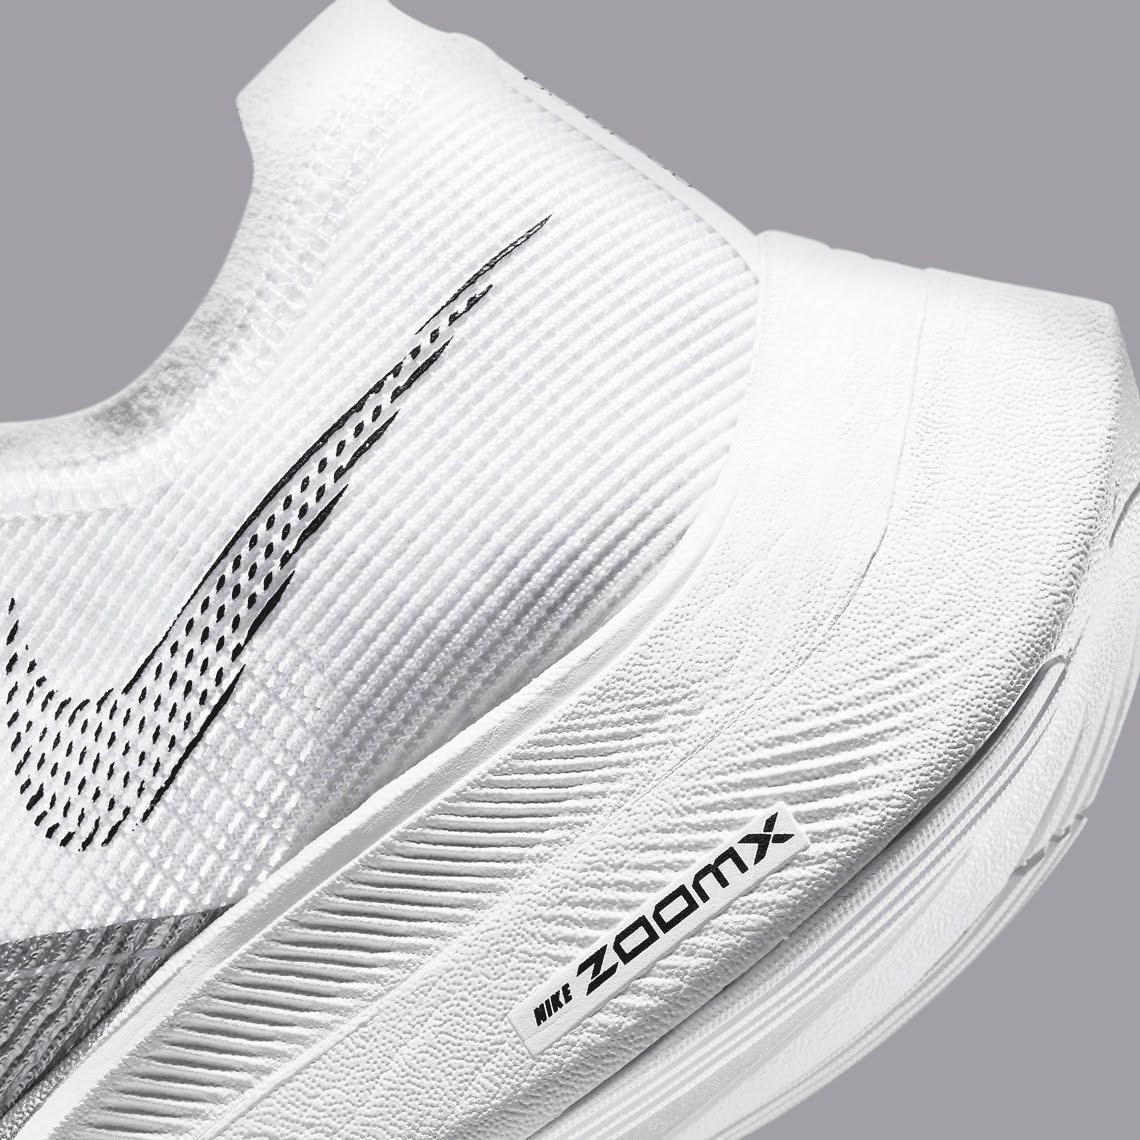 ナイキ ヴェイパーフライ ネクスト% 2 Nike-ZoomX-VaporFly-Next-2-CU4111-100-side-heel